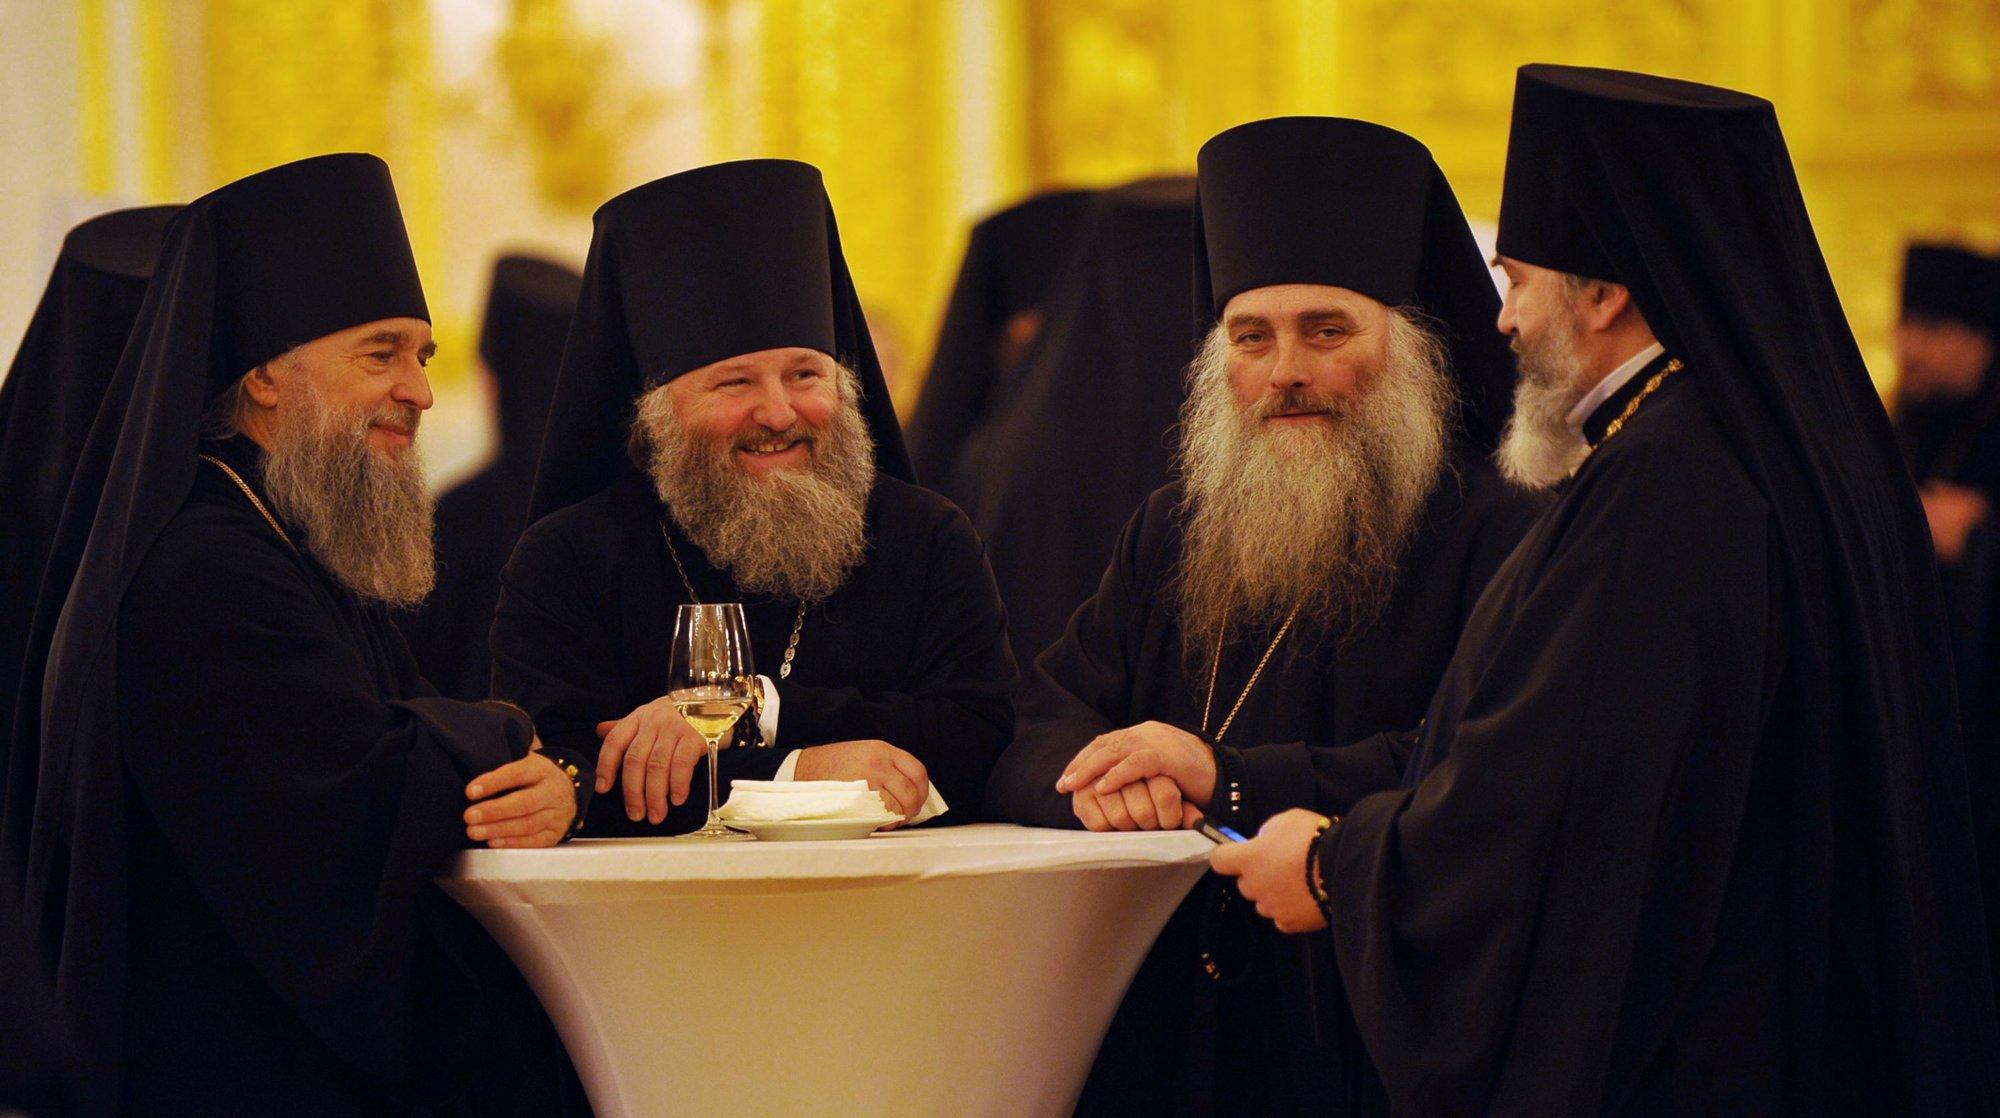 УПЦ МП їде у Москву в режимі суперсекретності